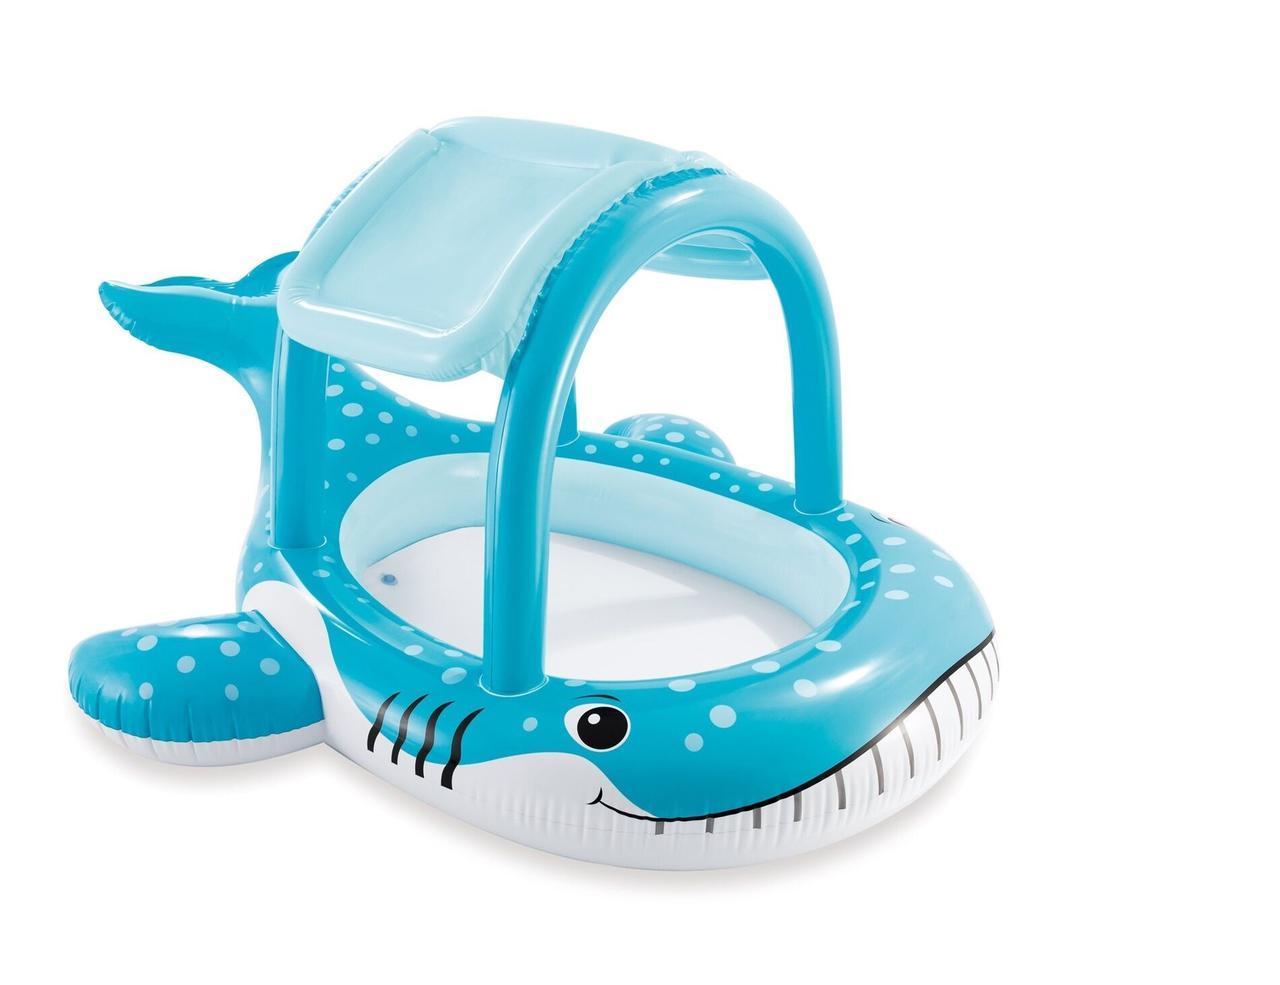 Детский надувной бассейн «Кит» Intex 57125 с навесом на 120 литров (211*185*109 см)